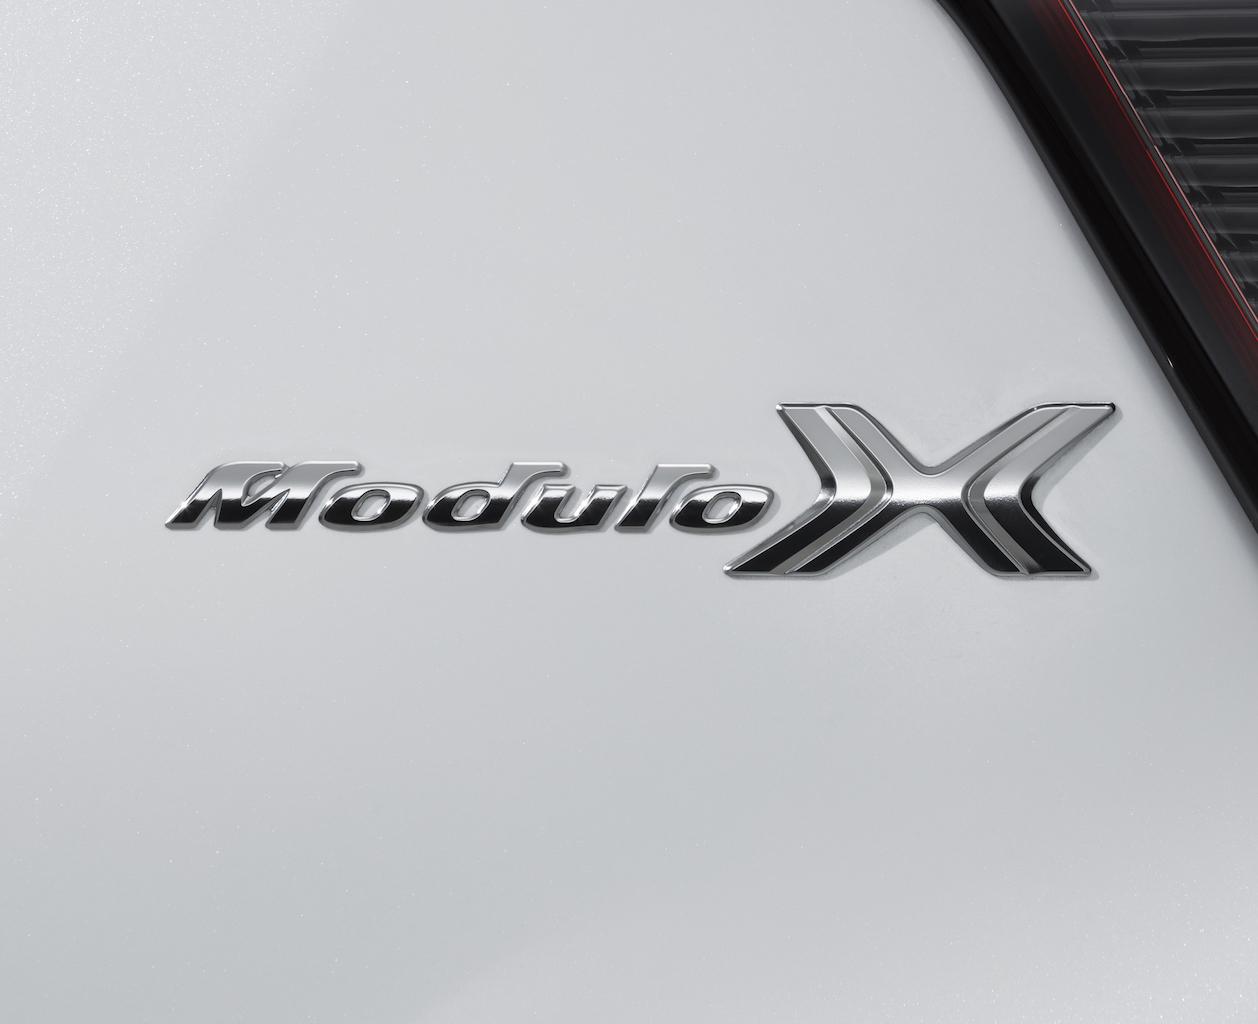 「大人のスポーティが味わえる「モデューロX」がホンダ・ヴェゼルに新登場【新車】」の11枚目の画像